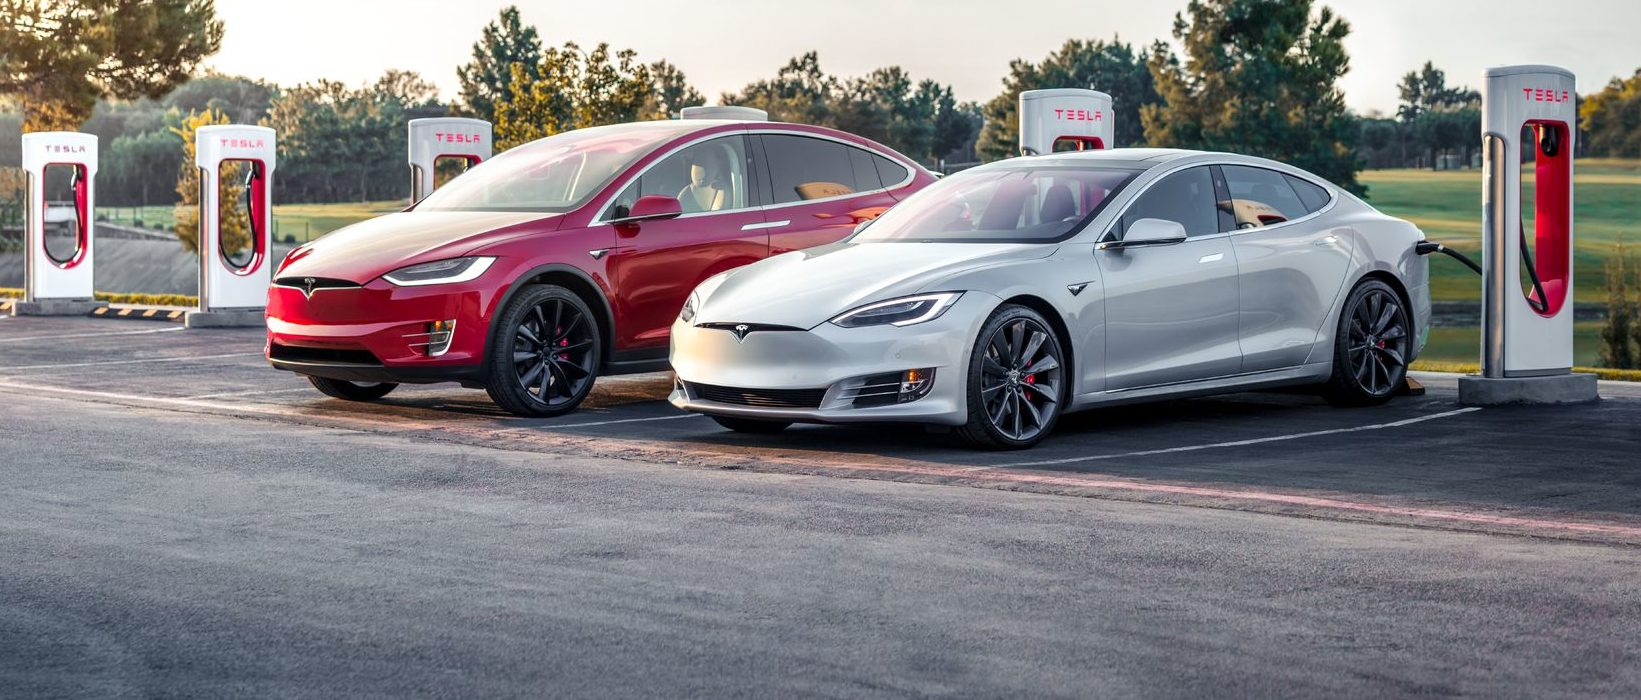 Tesla повысила цены на Model S и Model X Long Range на 5000 долларов